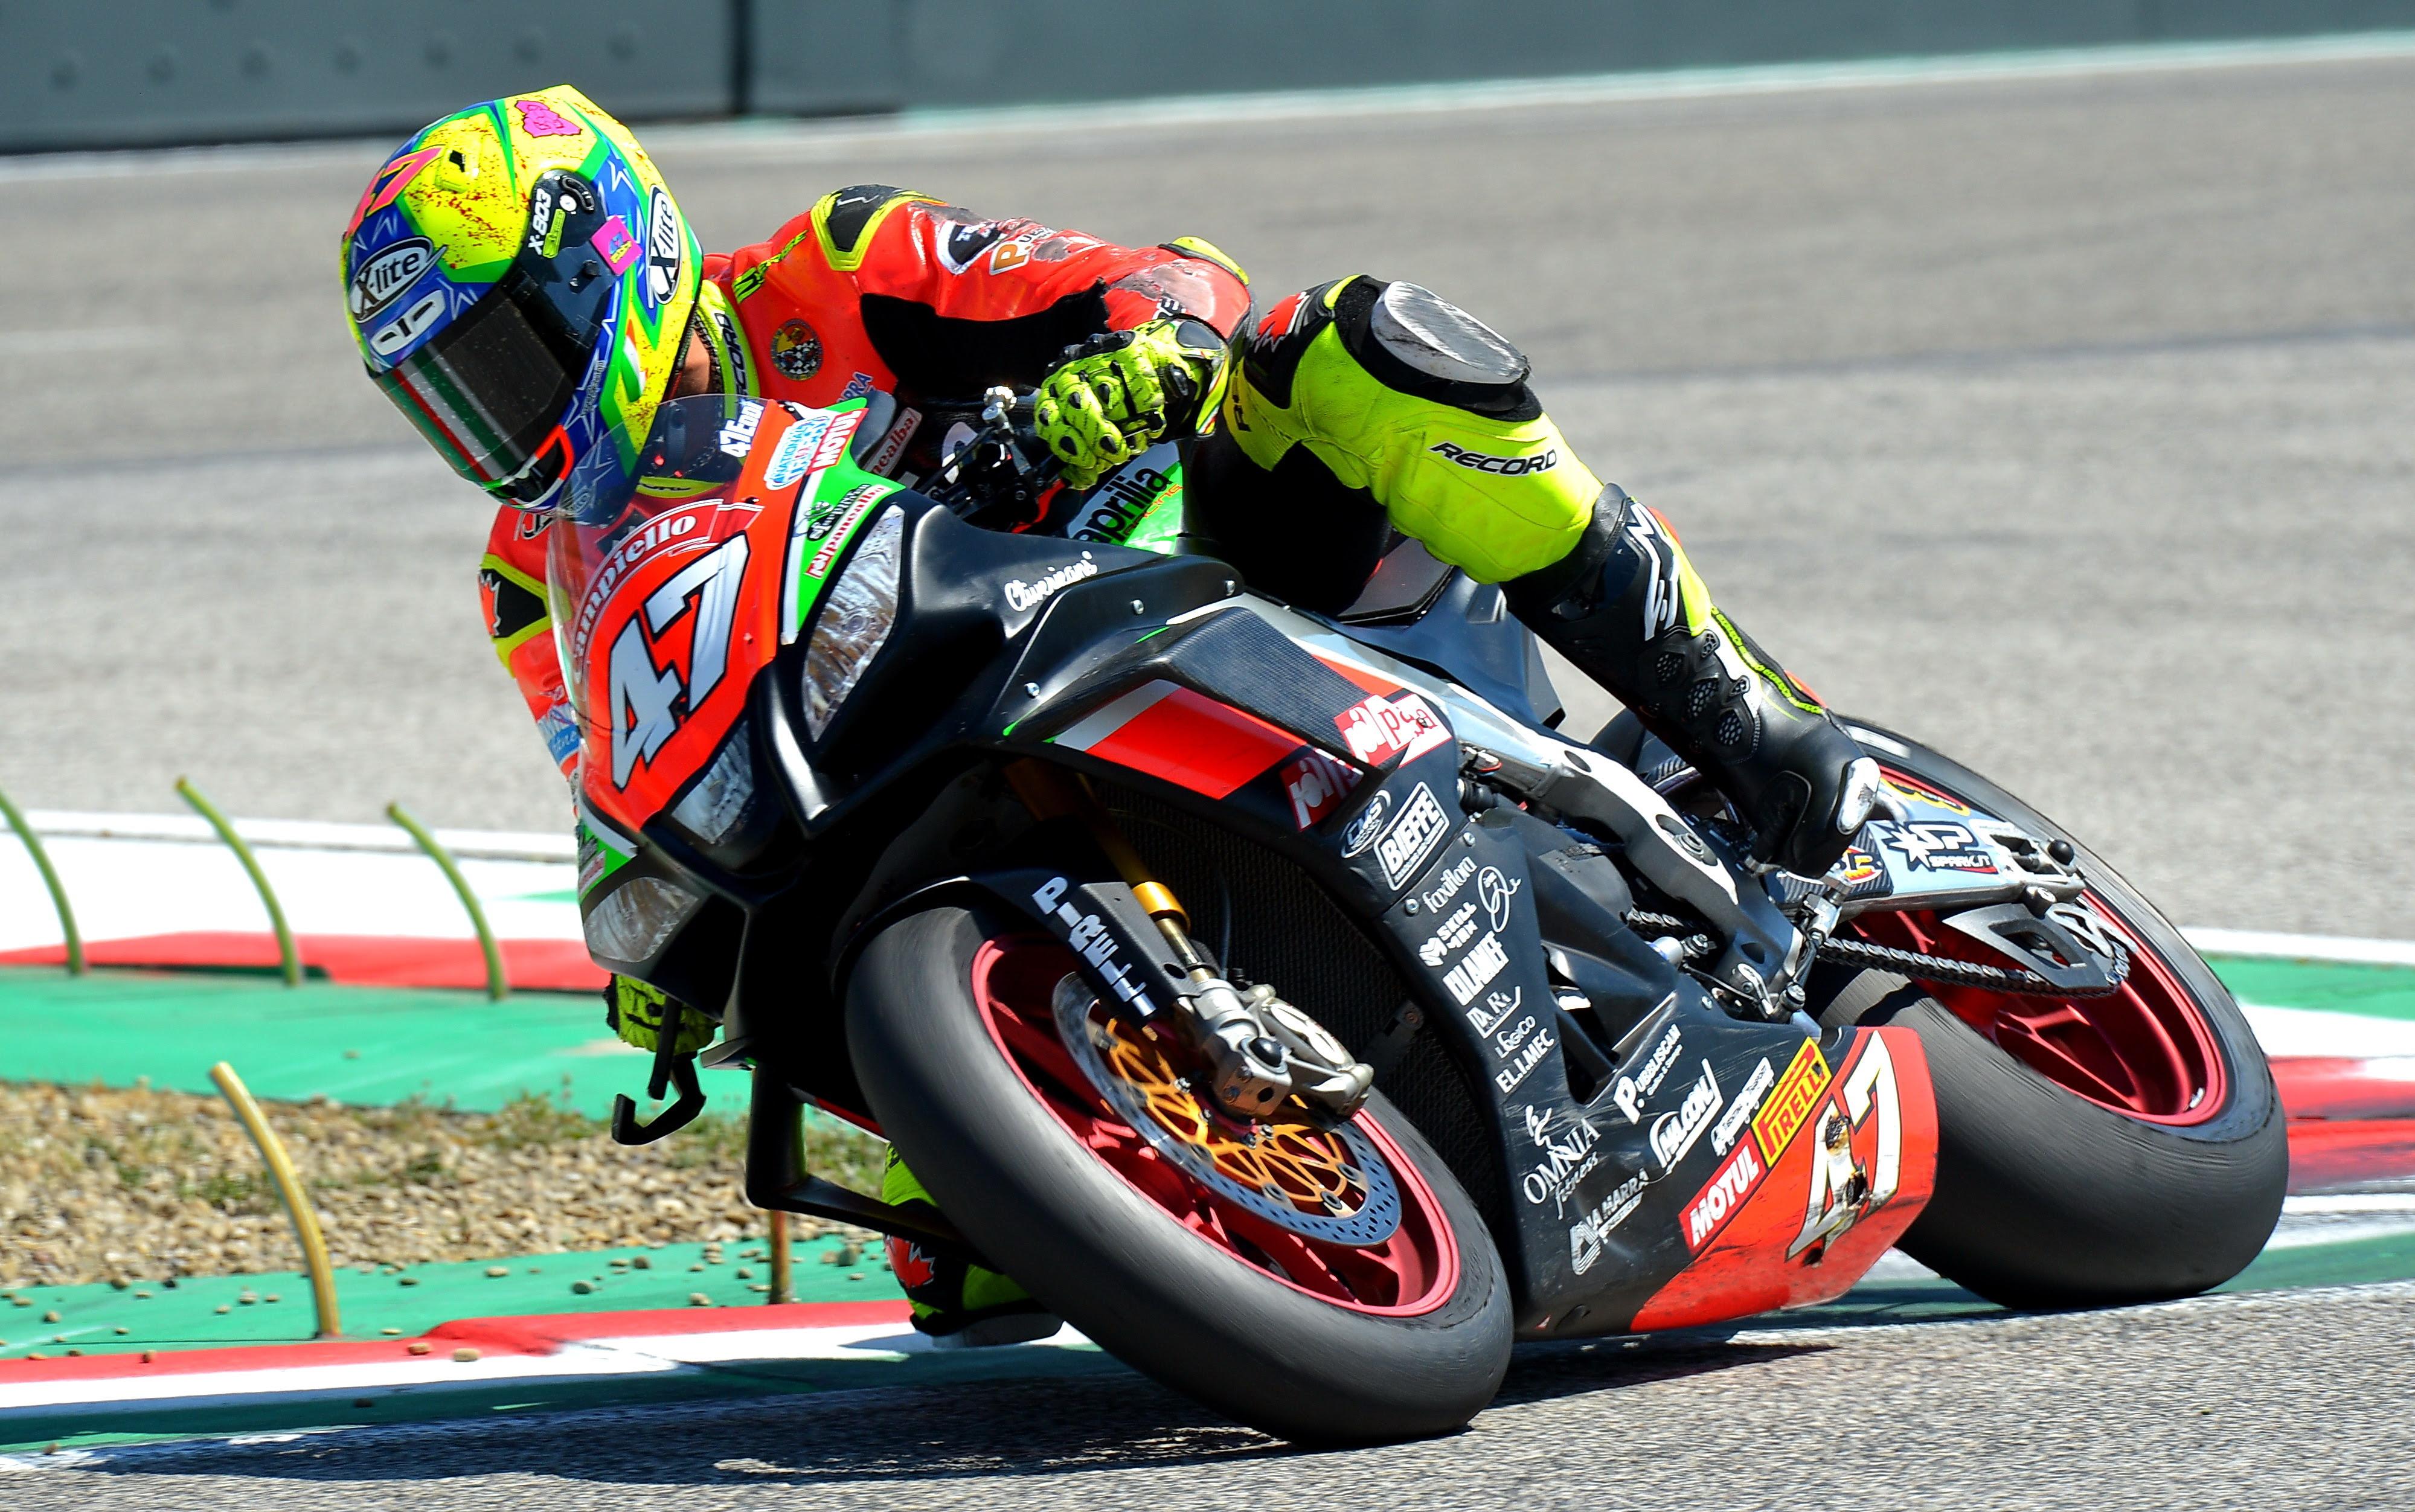 La Marra e Magnoni si impongono anche a Imola nelle gare del Pirelli National Trophy 2